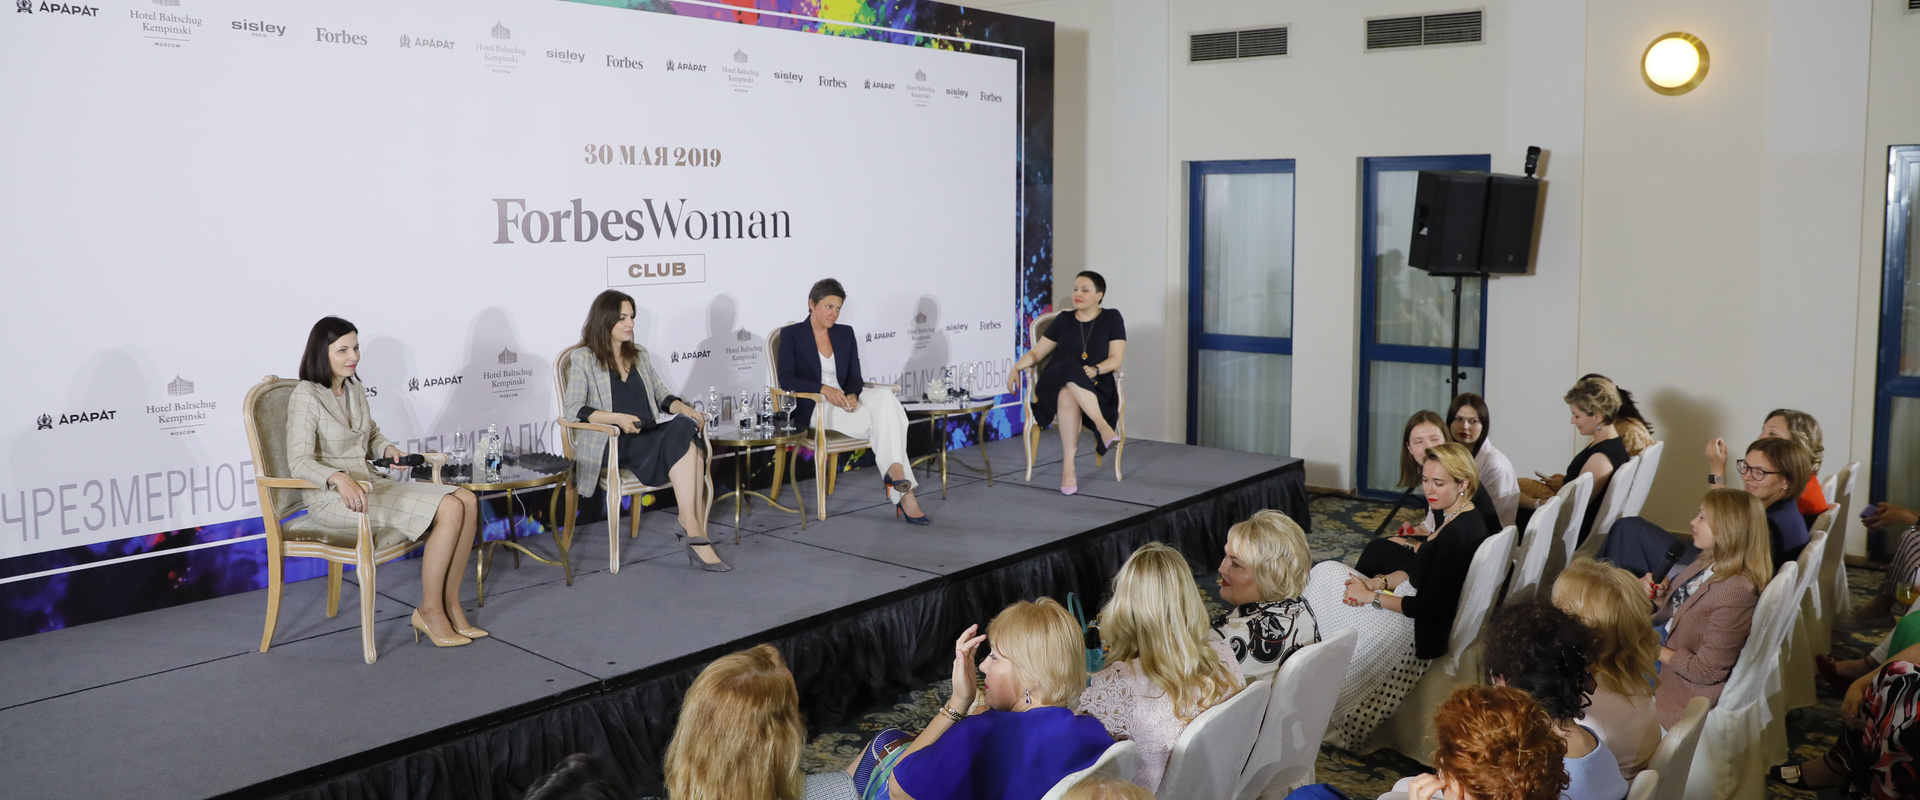 Бизнес с высоким EQ: какие качества помогают женщине построить успешную карьеру